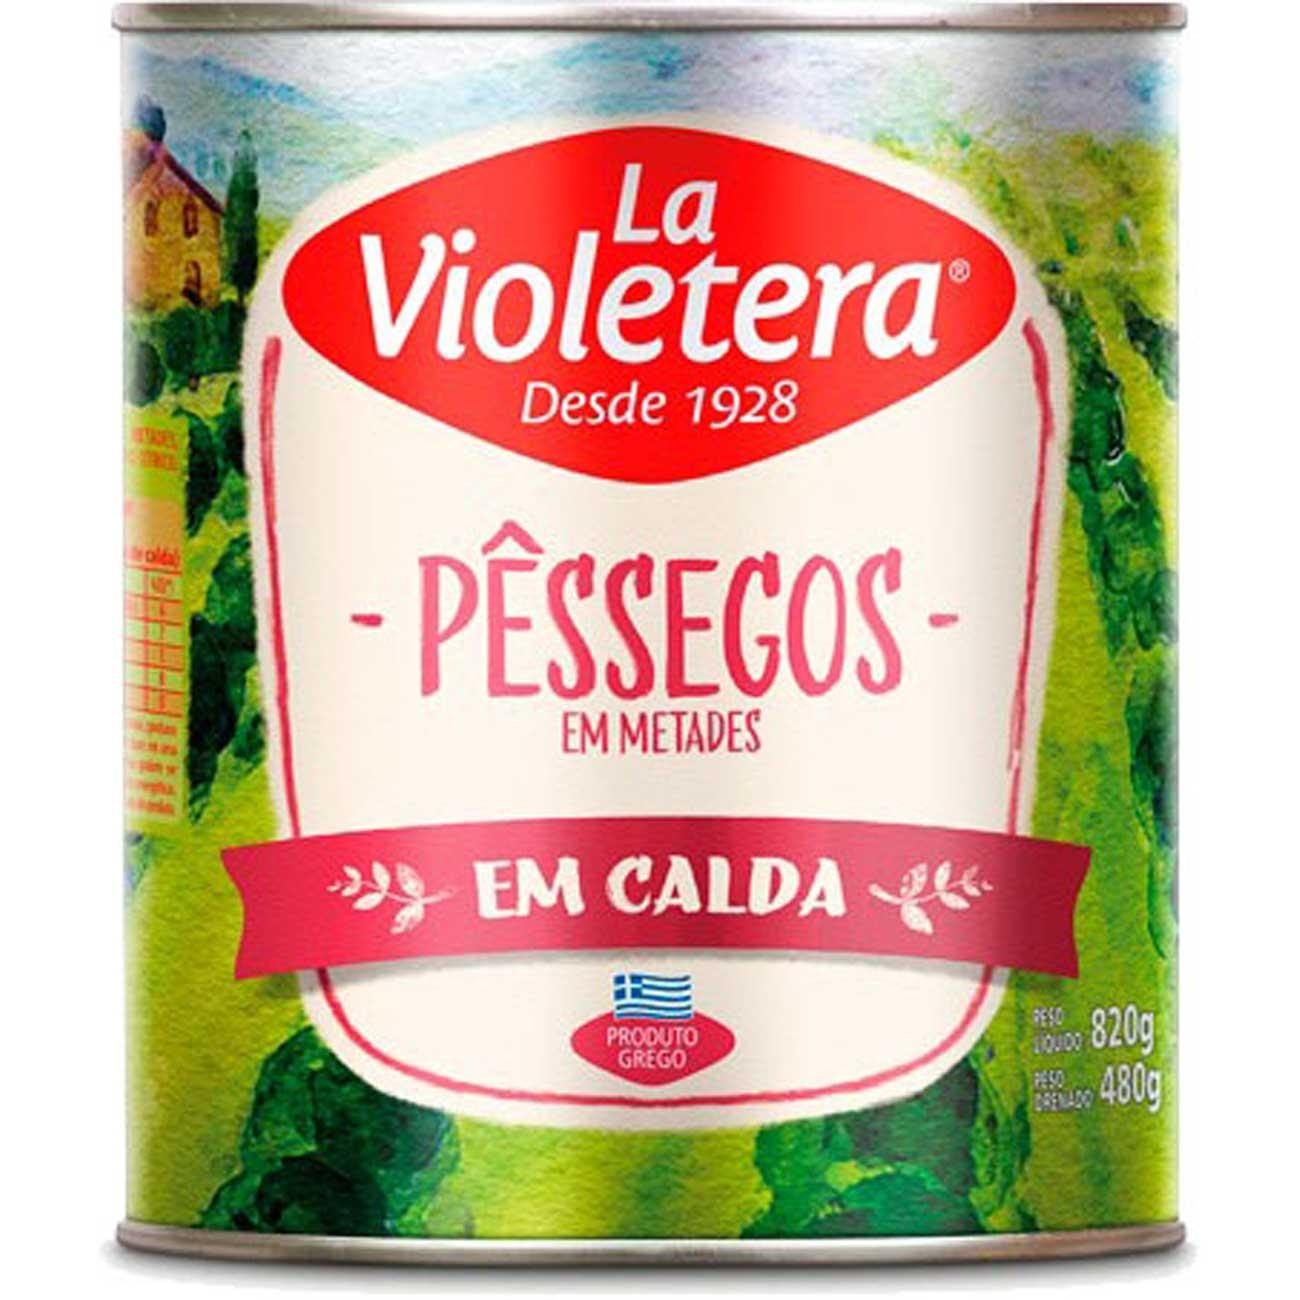 PESSEGO CALDA LA VIOLETERA 480G